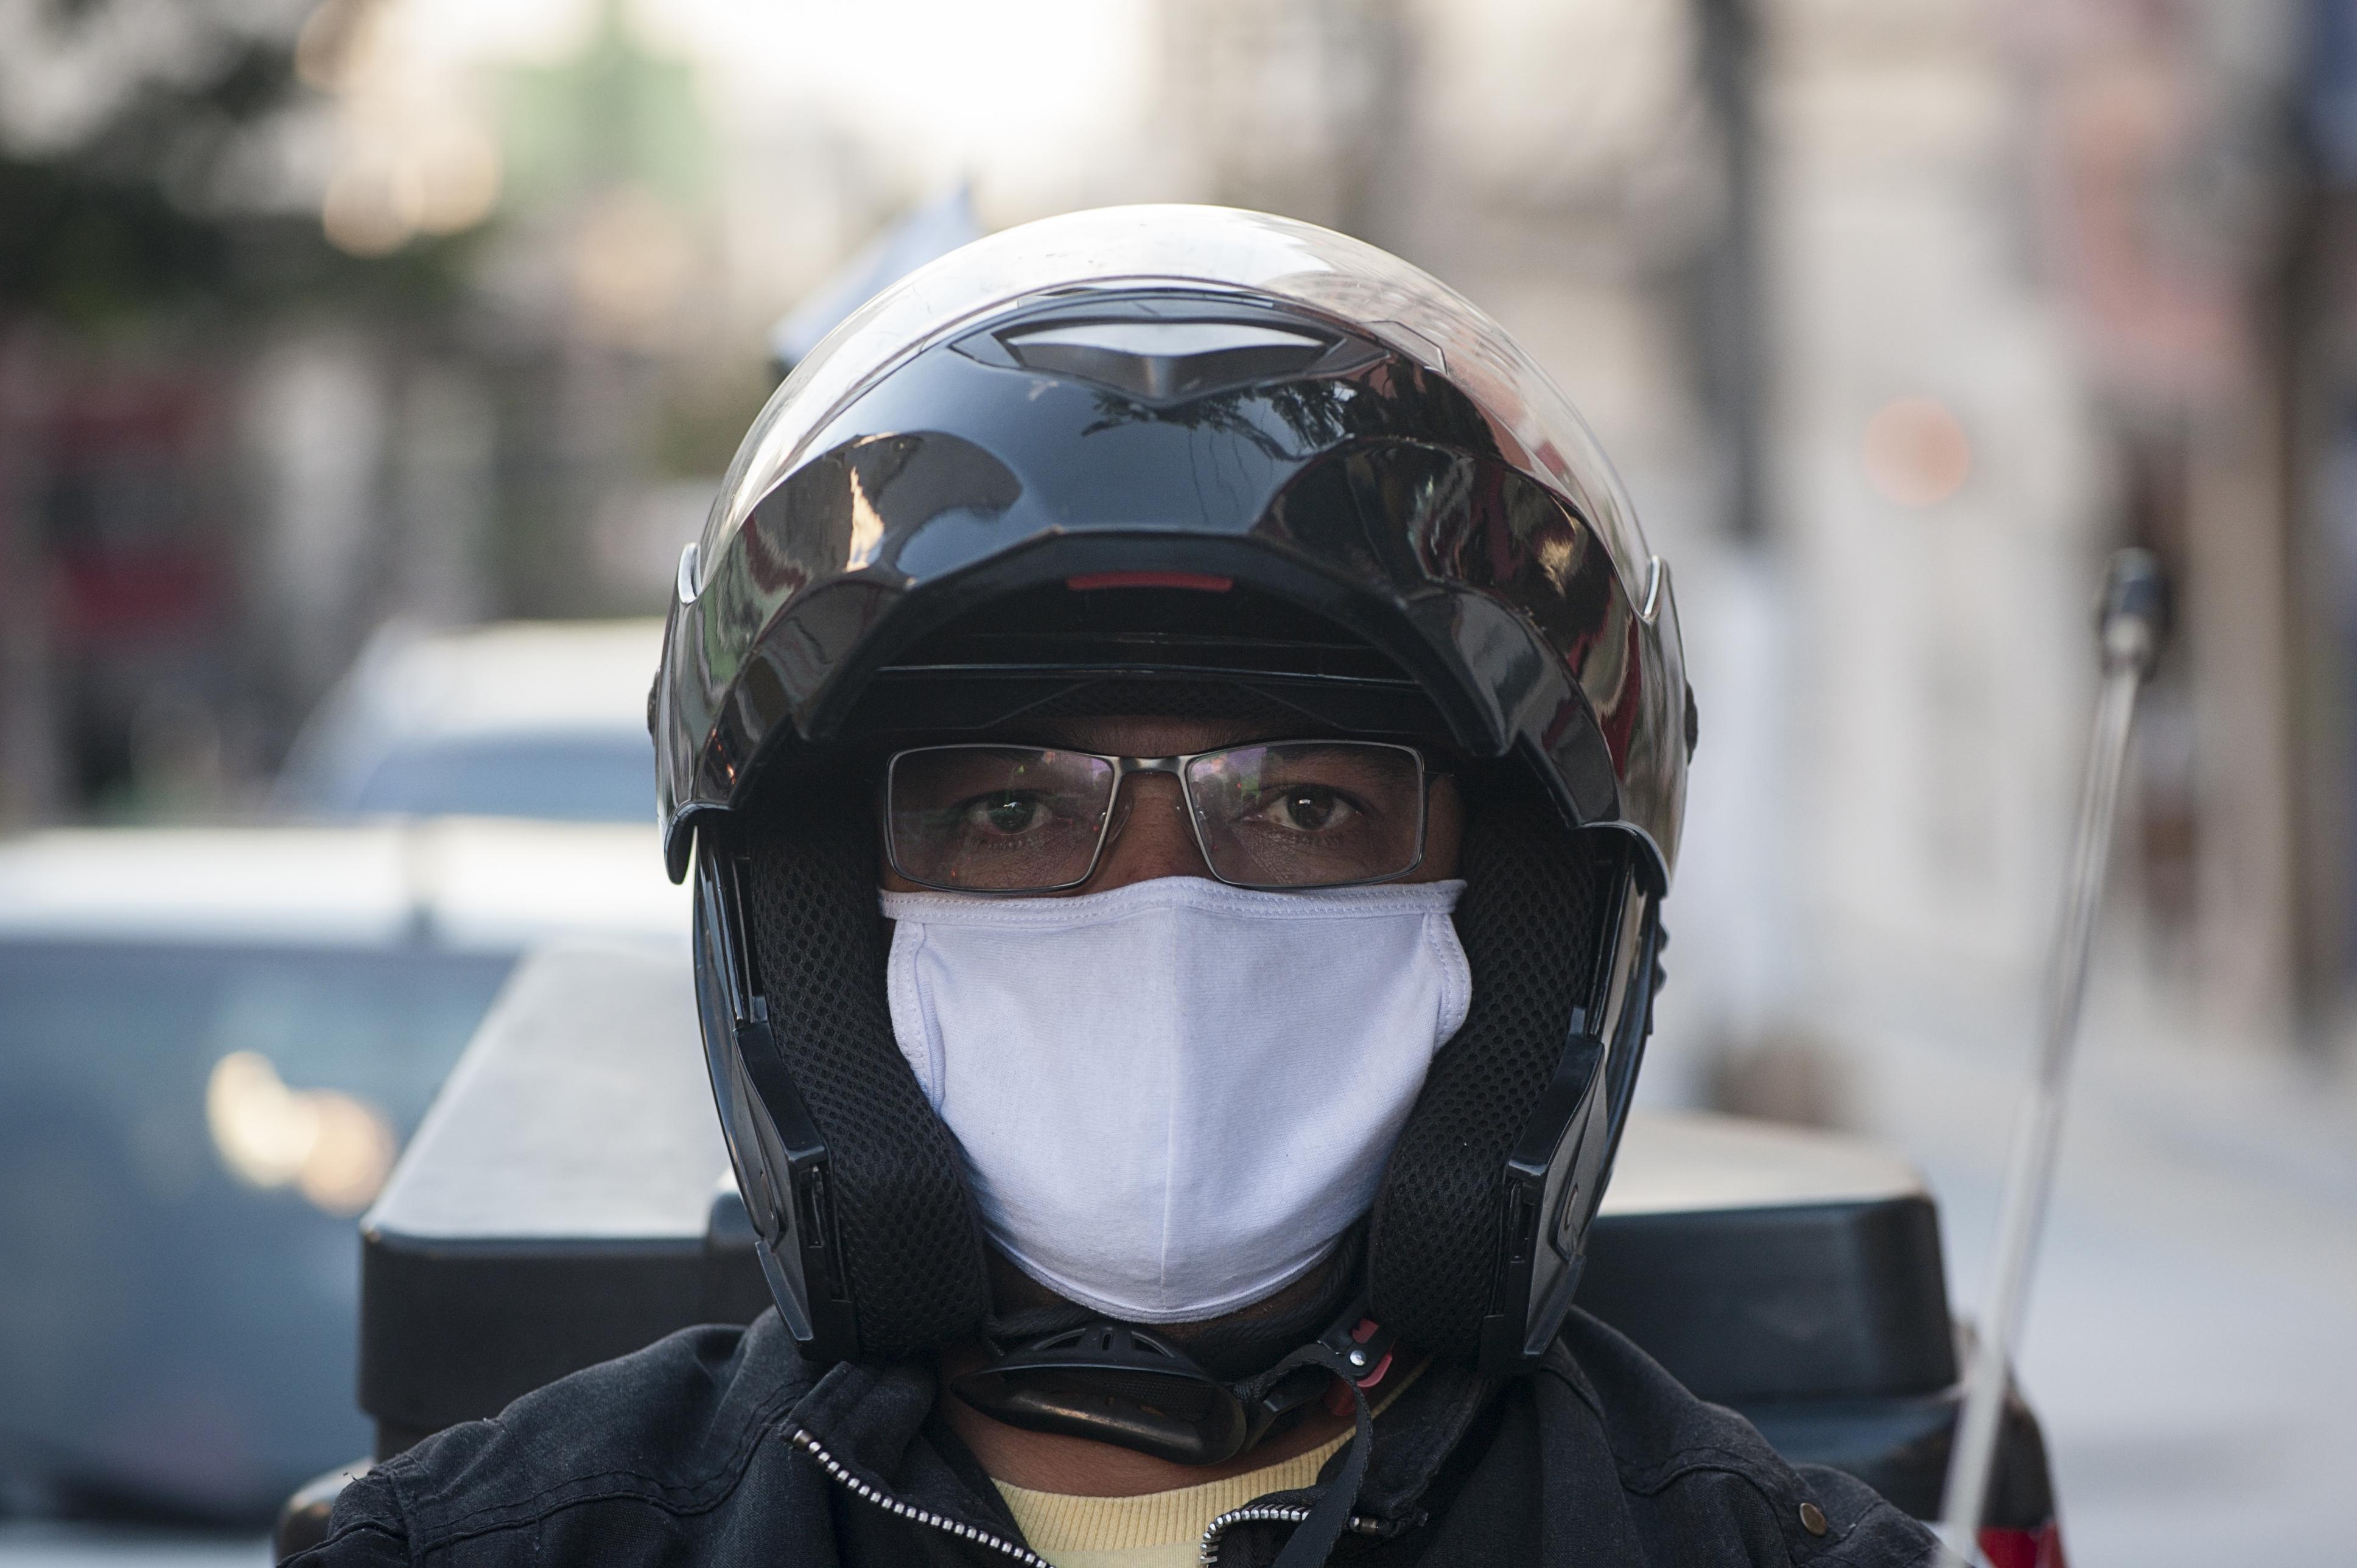 Zé motoboy